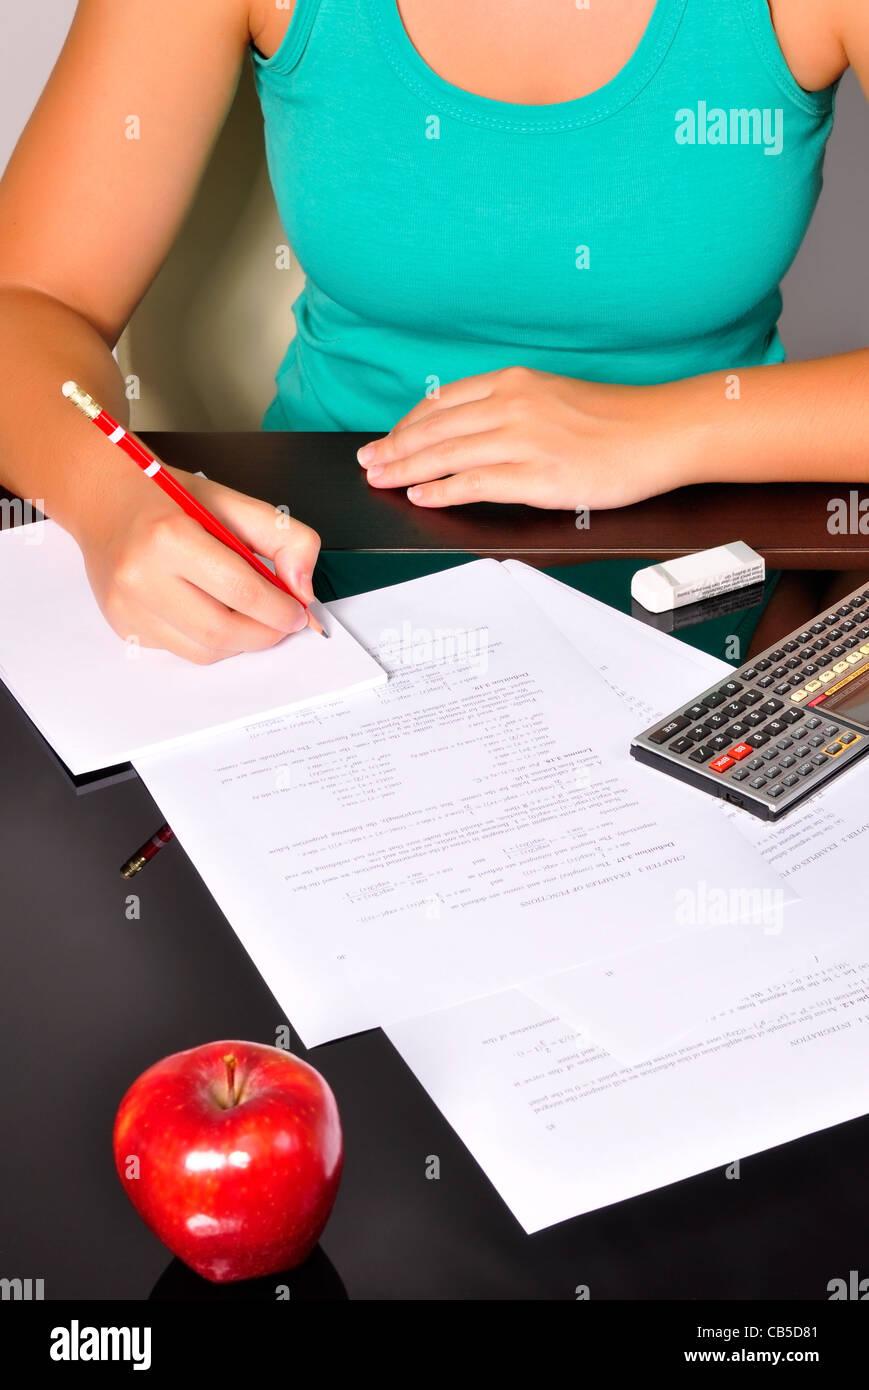 Estudiante haciendo ejercicios de matemáticas con una calculadora y un lápiz rojo. Imagen De Stock